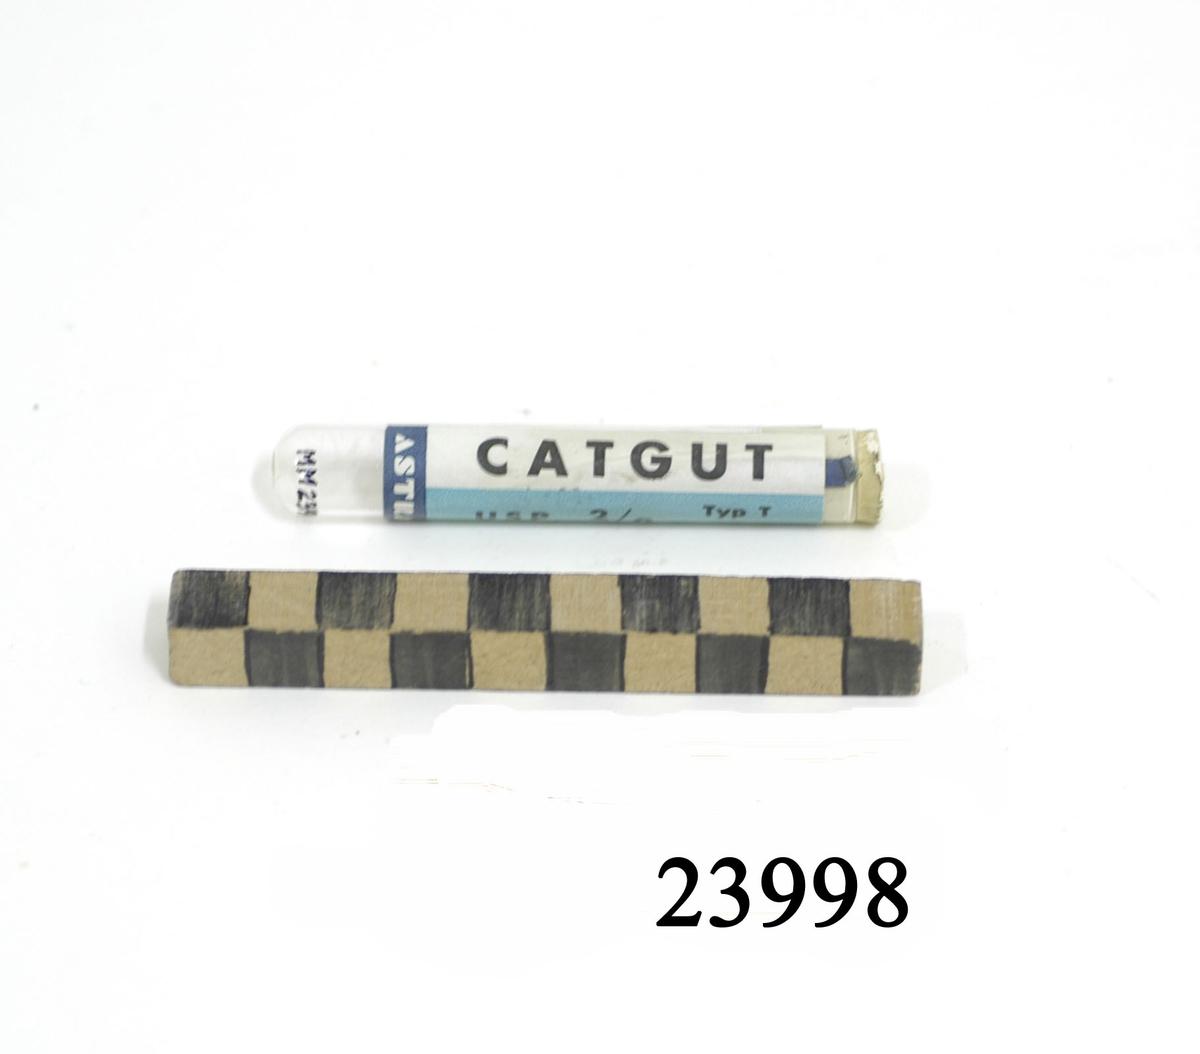 """Catgut upprullad som spole, ligger i tillslutet glasrör. På glasröret etikett med text: """"CATGUT USP 2/o Typ T 3 m. Steril enligt intyg. Steril certifikation. NF 2652- K.  MF1959:17""""."""